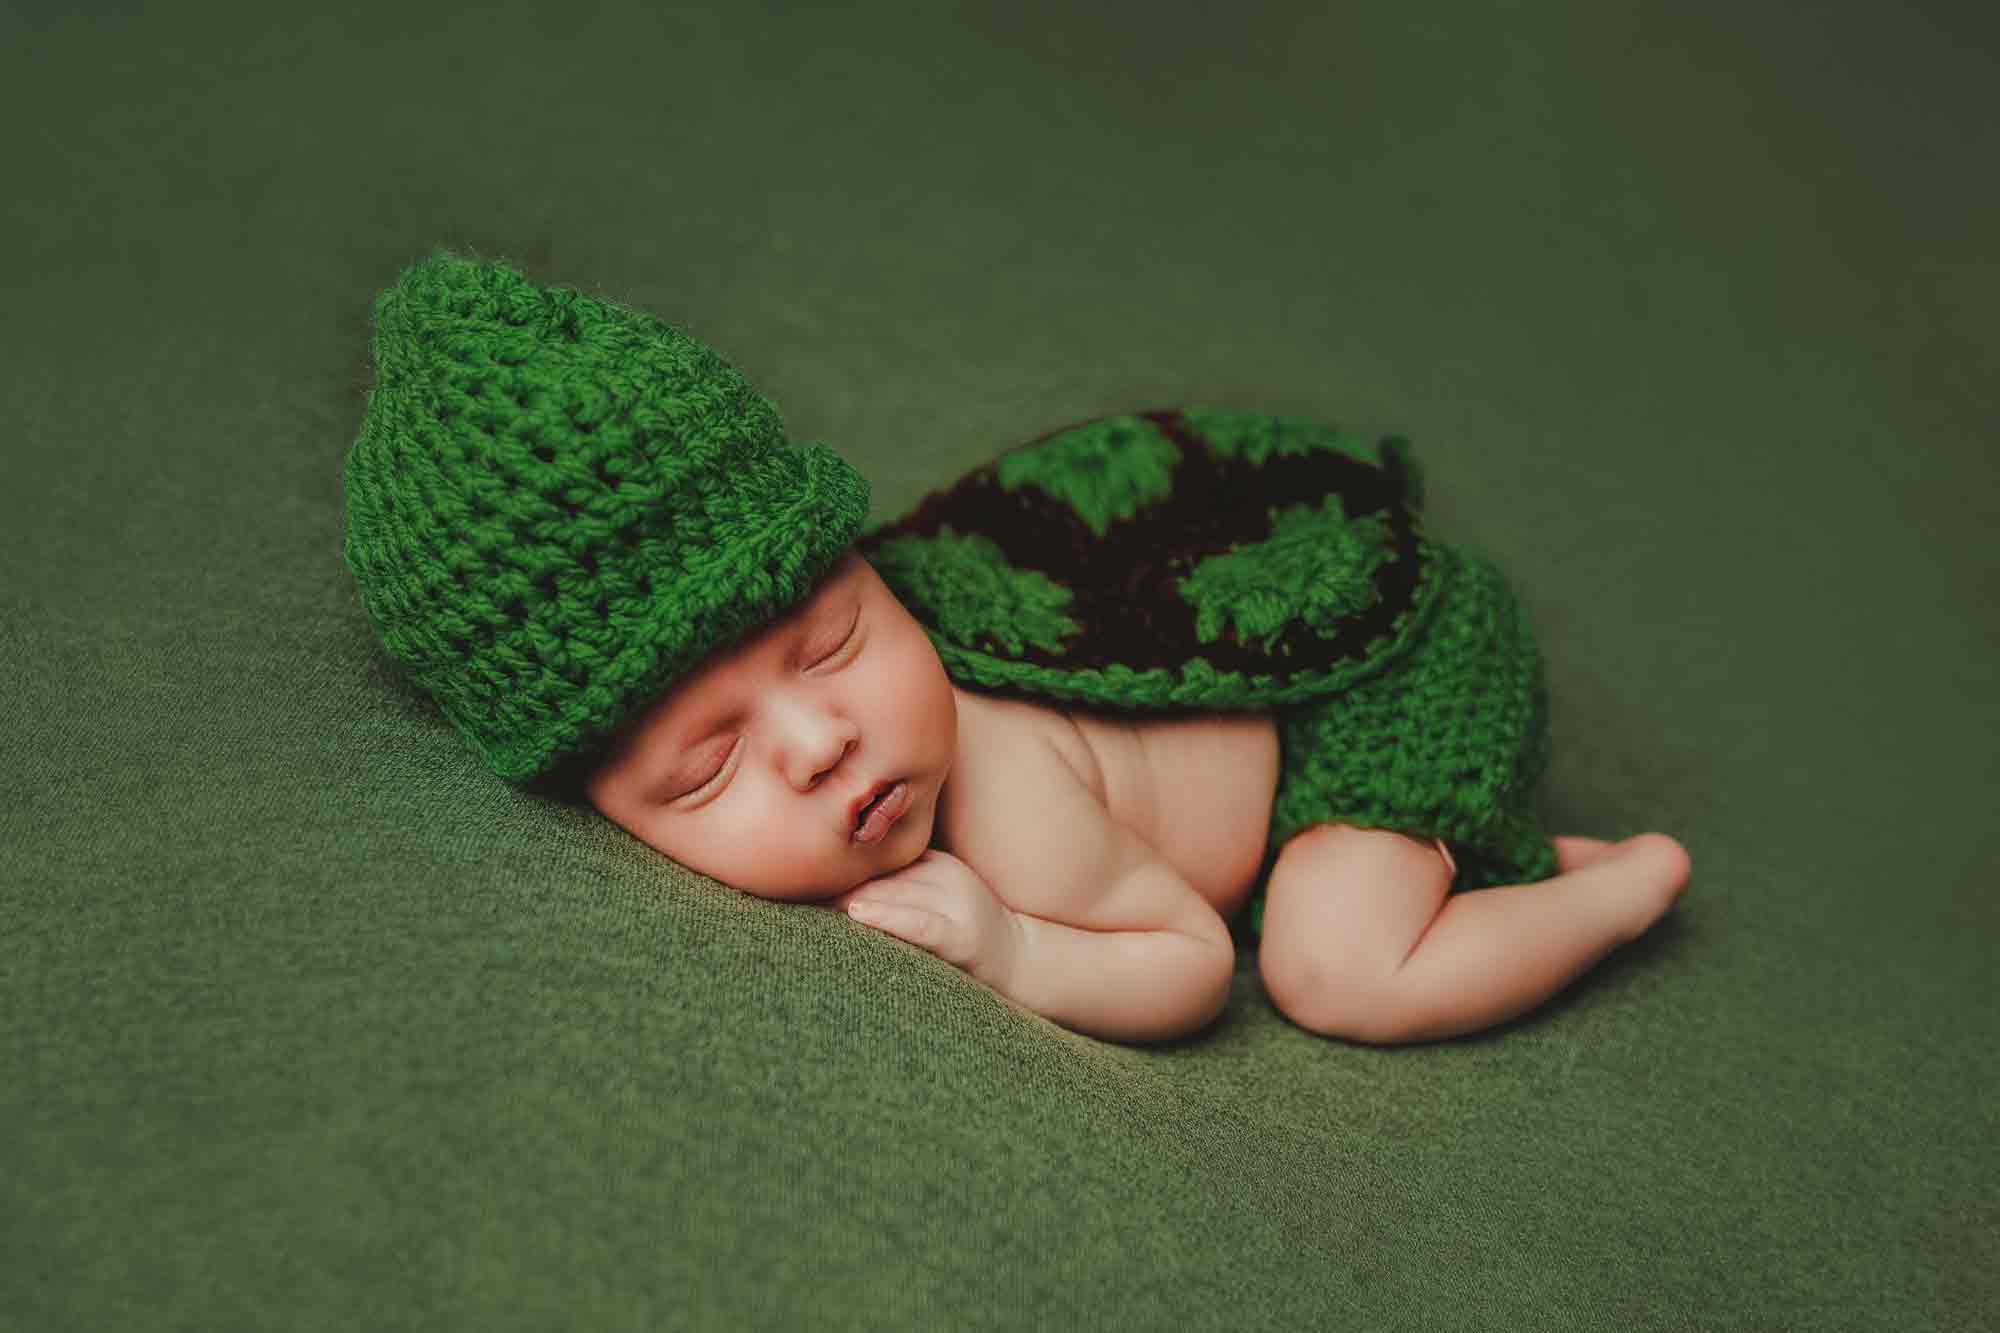 Hablemos de fotografía de recién nacidos. Invitado Sergio Moreno de fabrica de sueños.